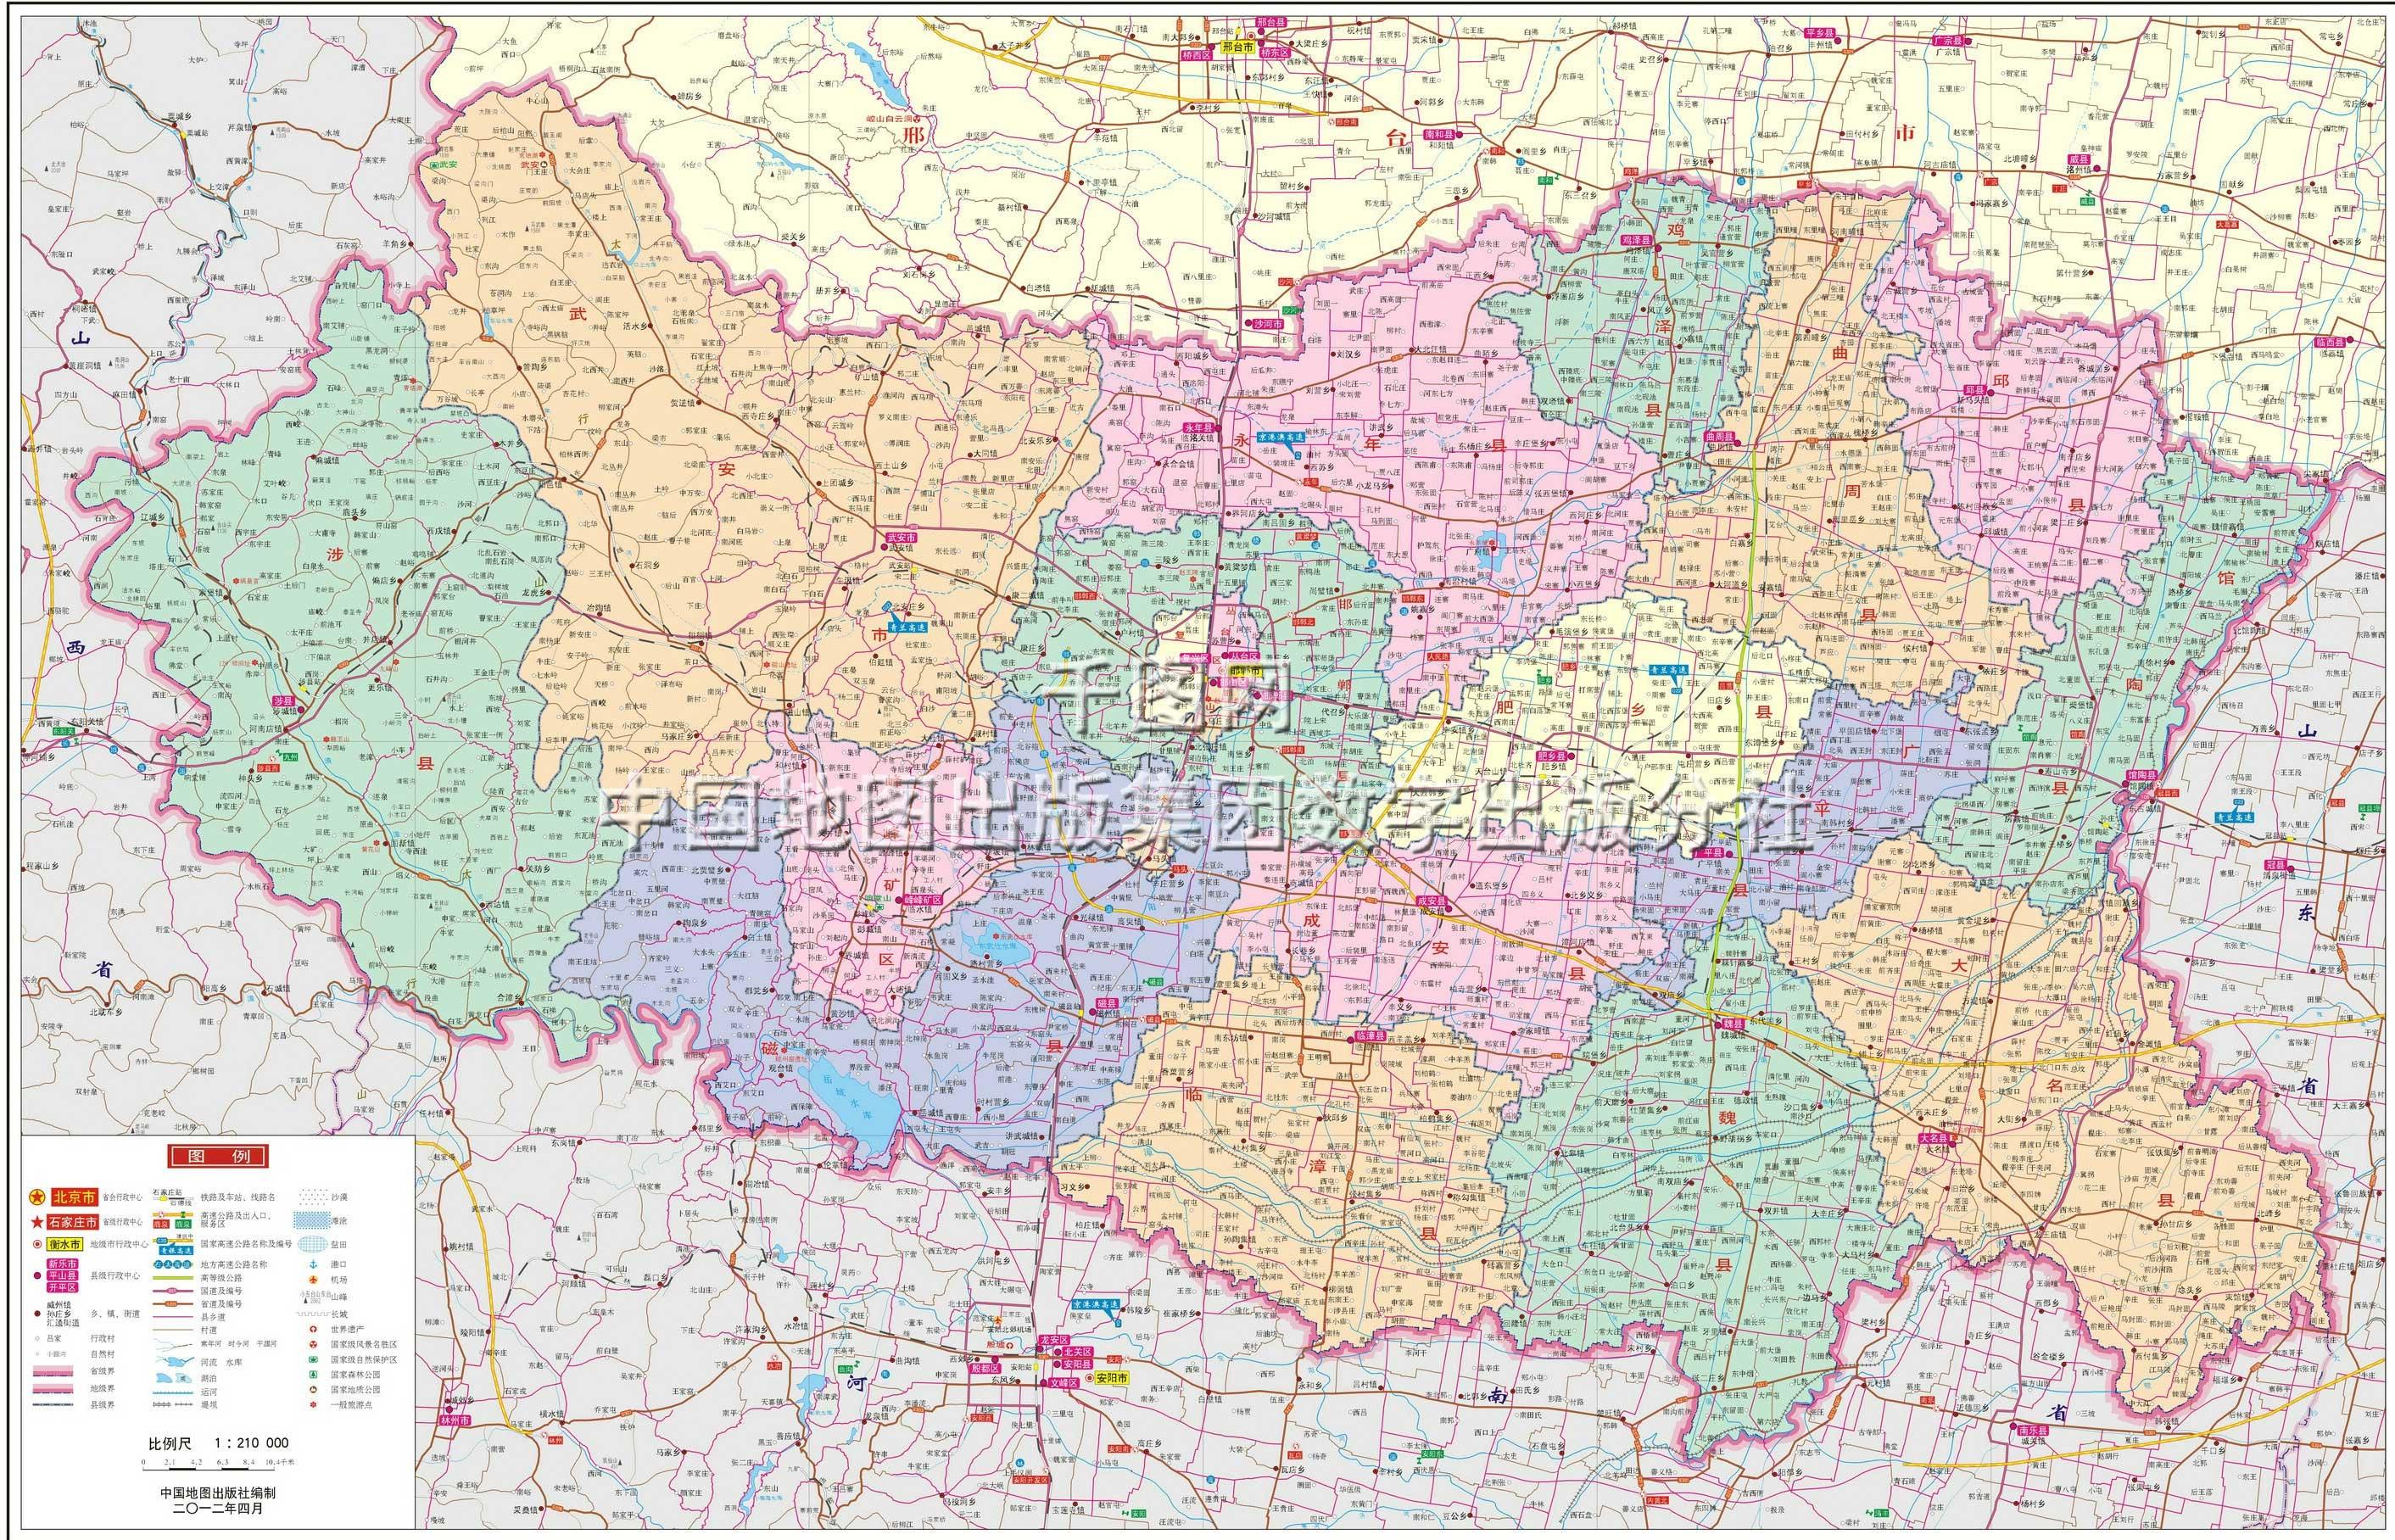 邯郸市地图高清版